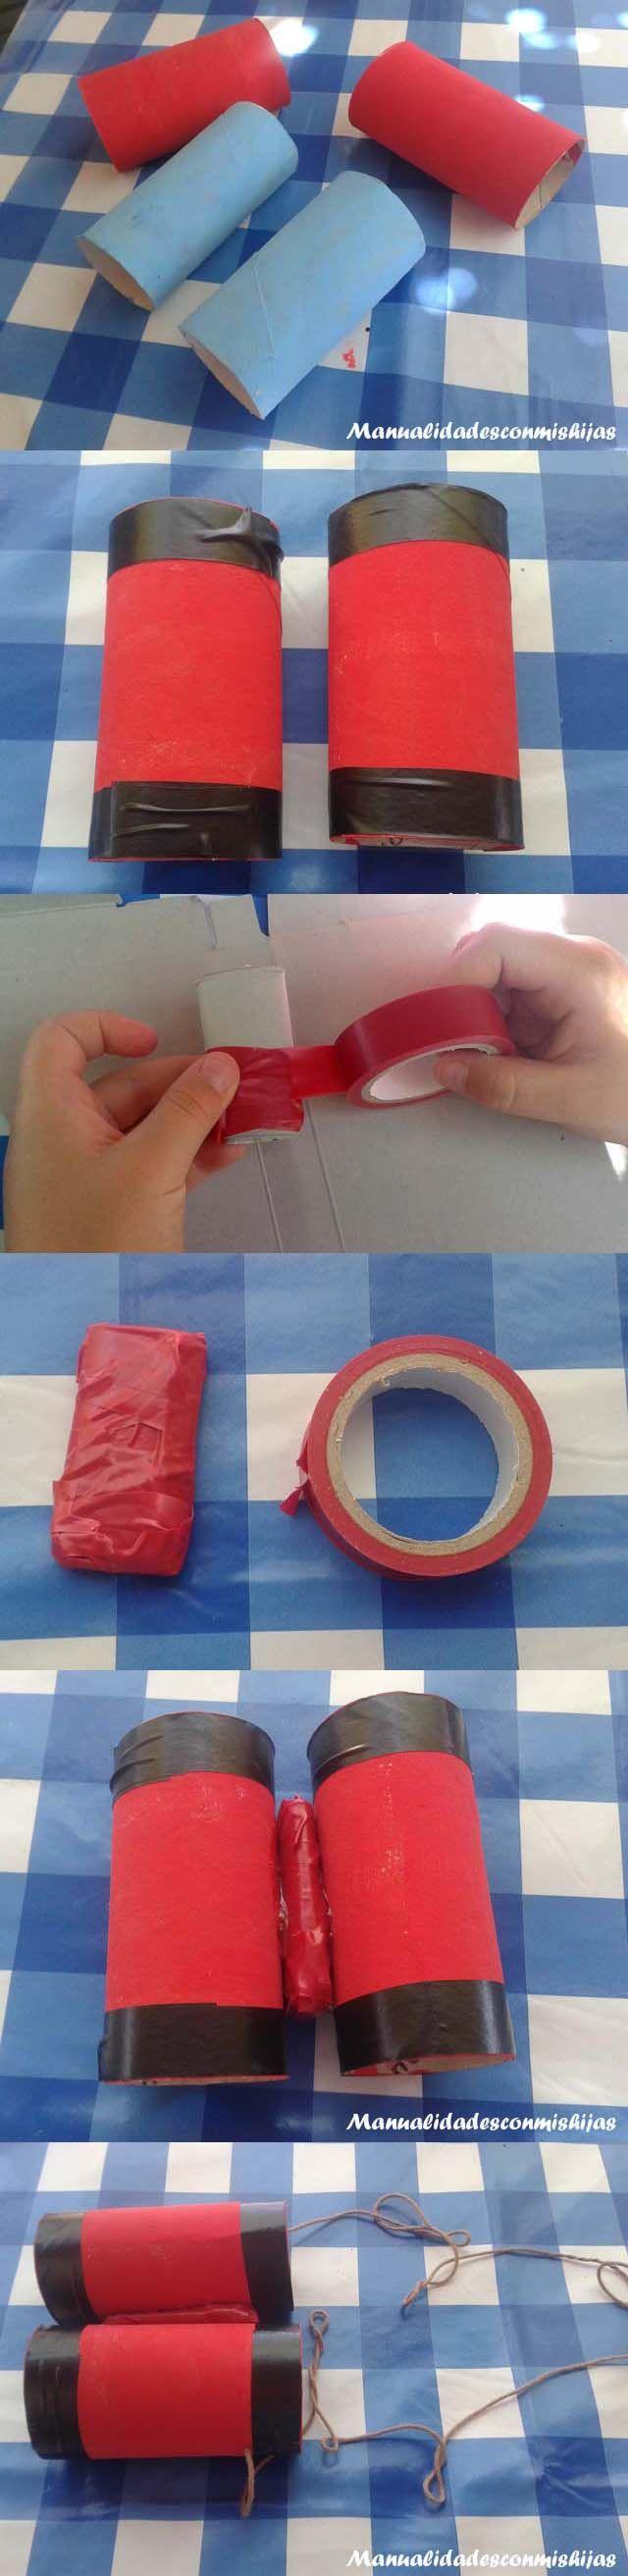 Manualidadesconmishijas: Catalejos y prismáticos con tubos de cartón y témperas